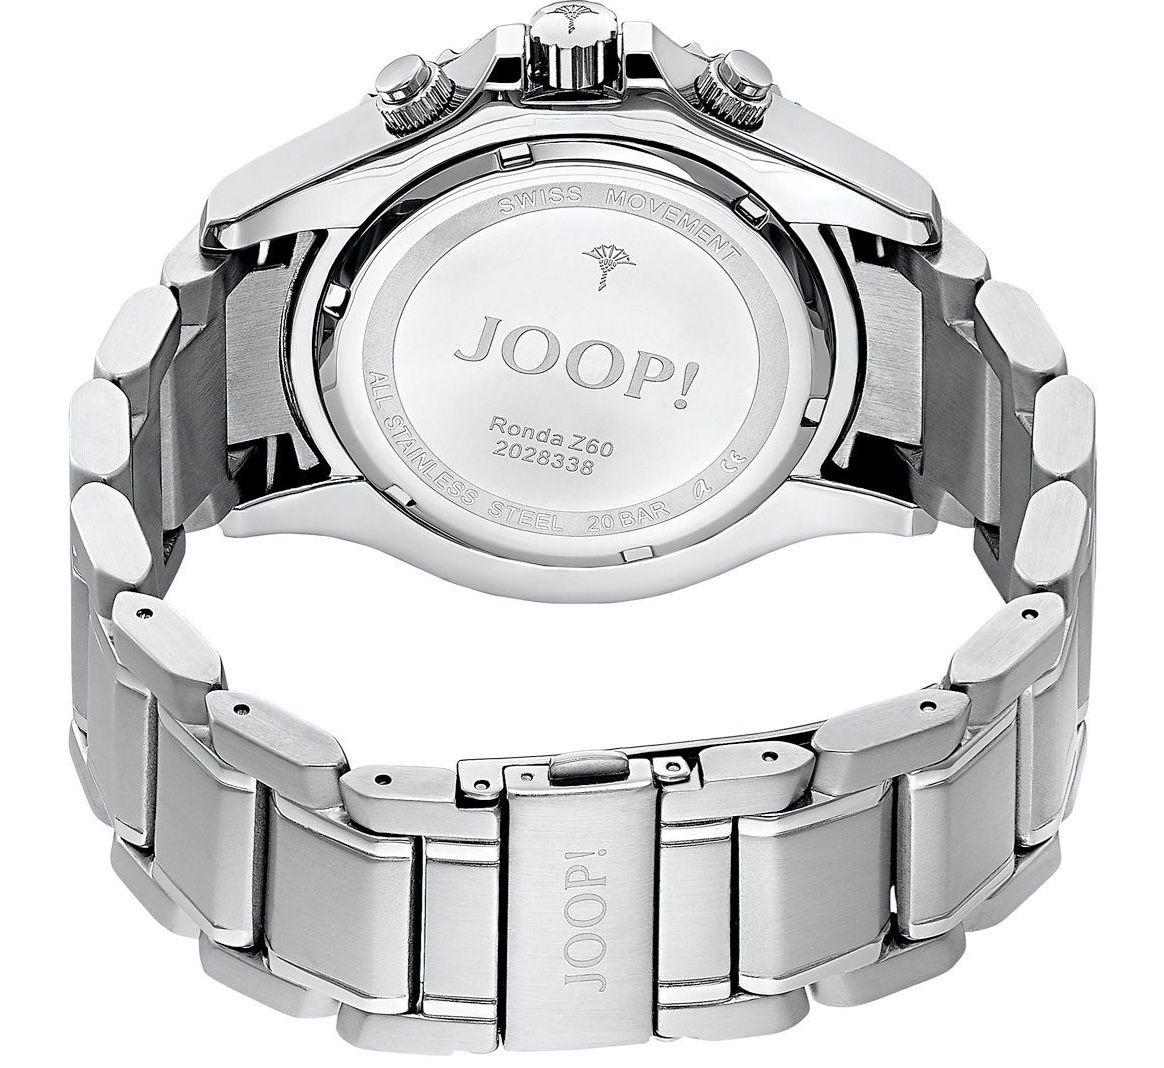 JOOP! Herren Chronograph 2028338 mit Edelstahl Armband und Faltschließe für 263,20€ (statt 330€)